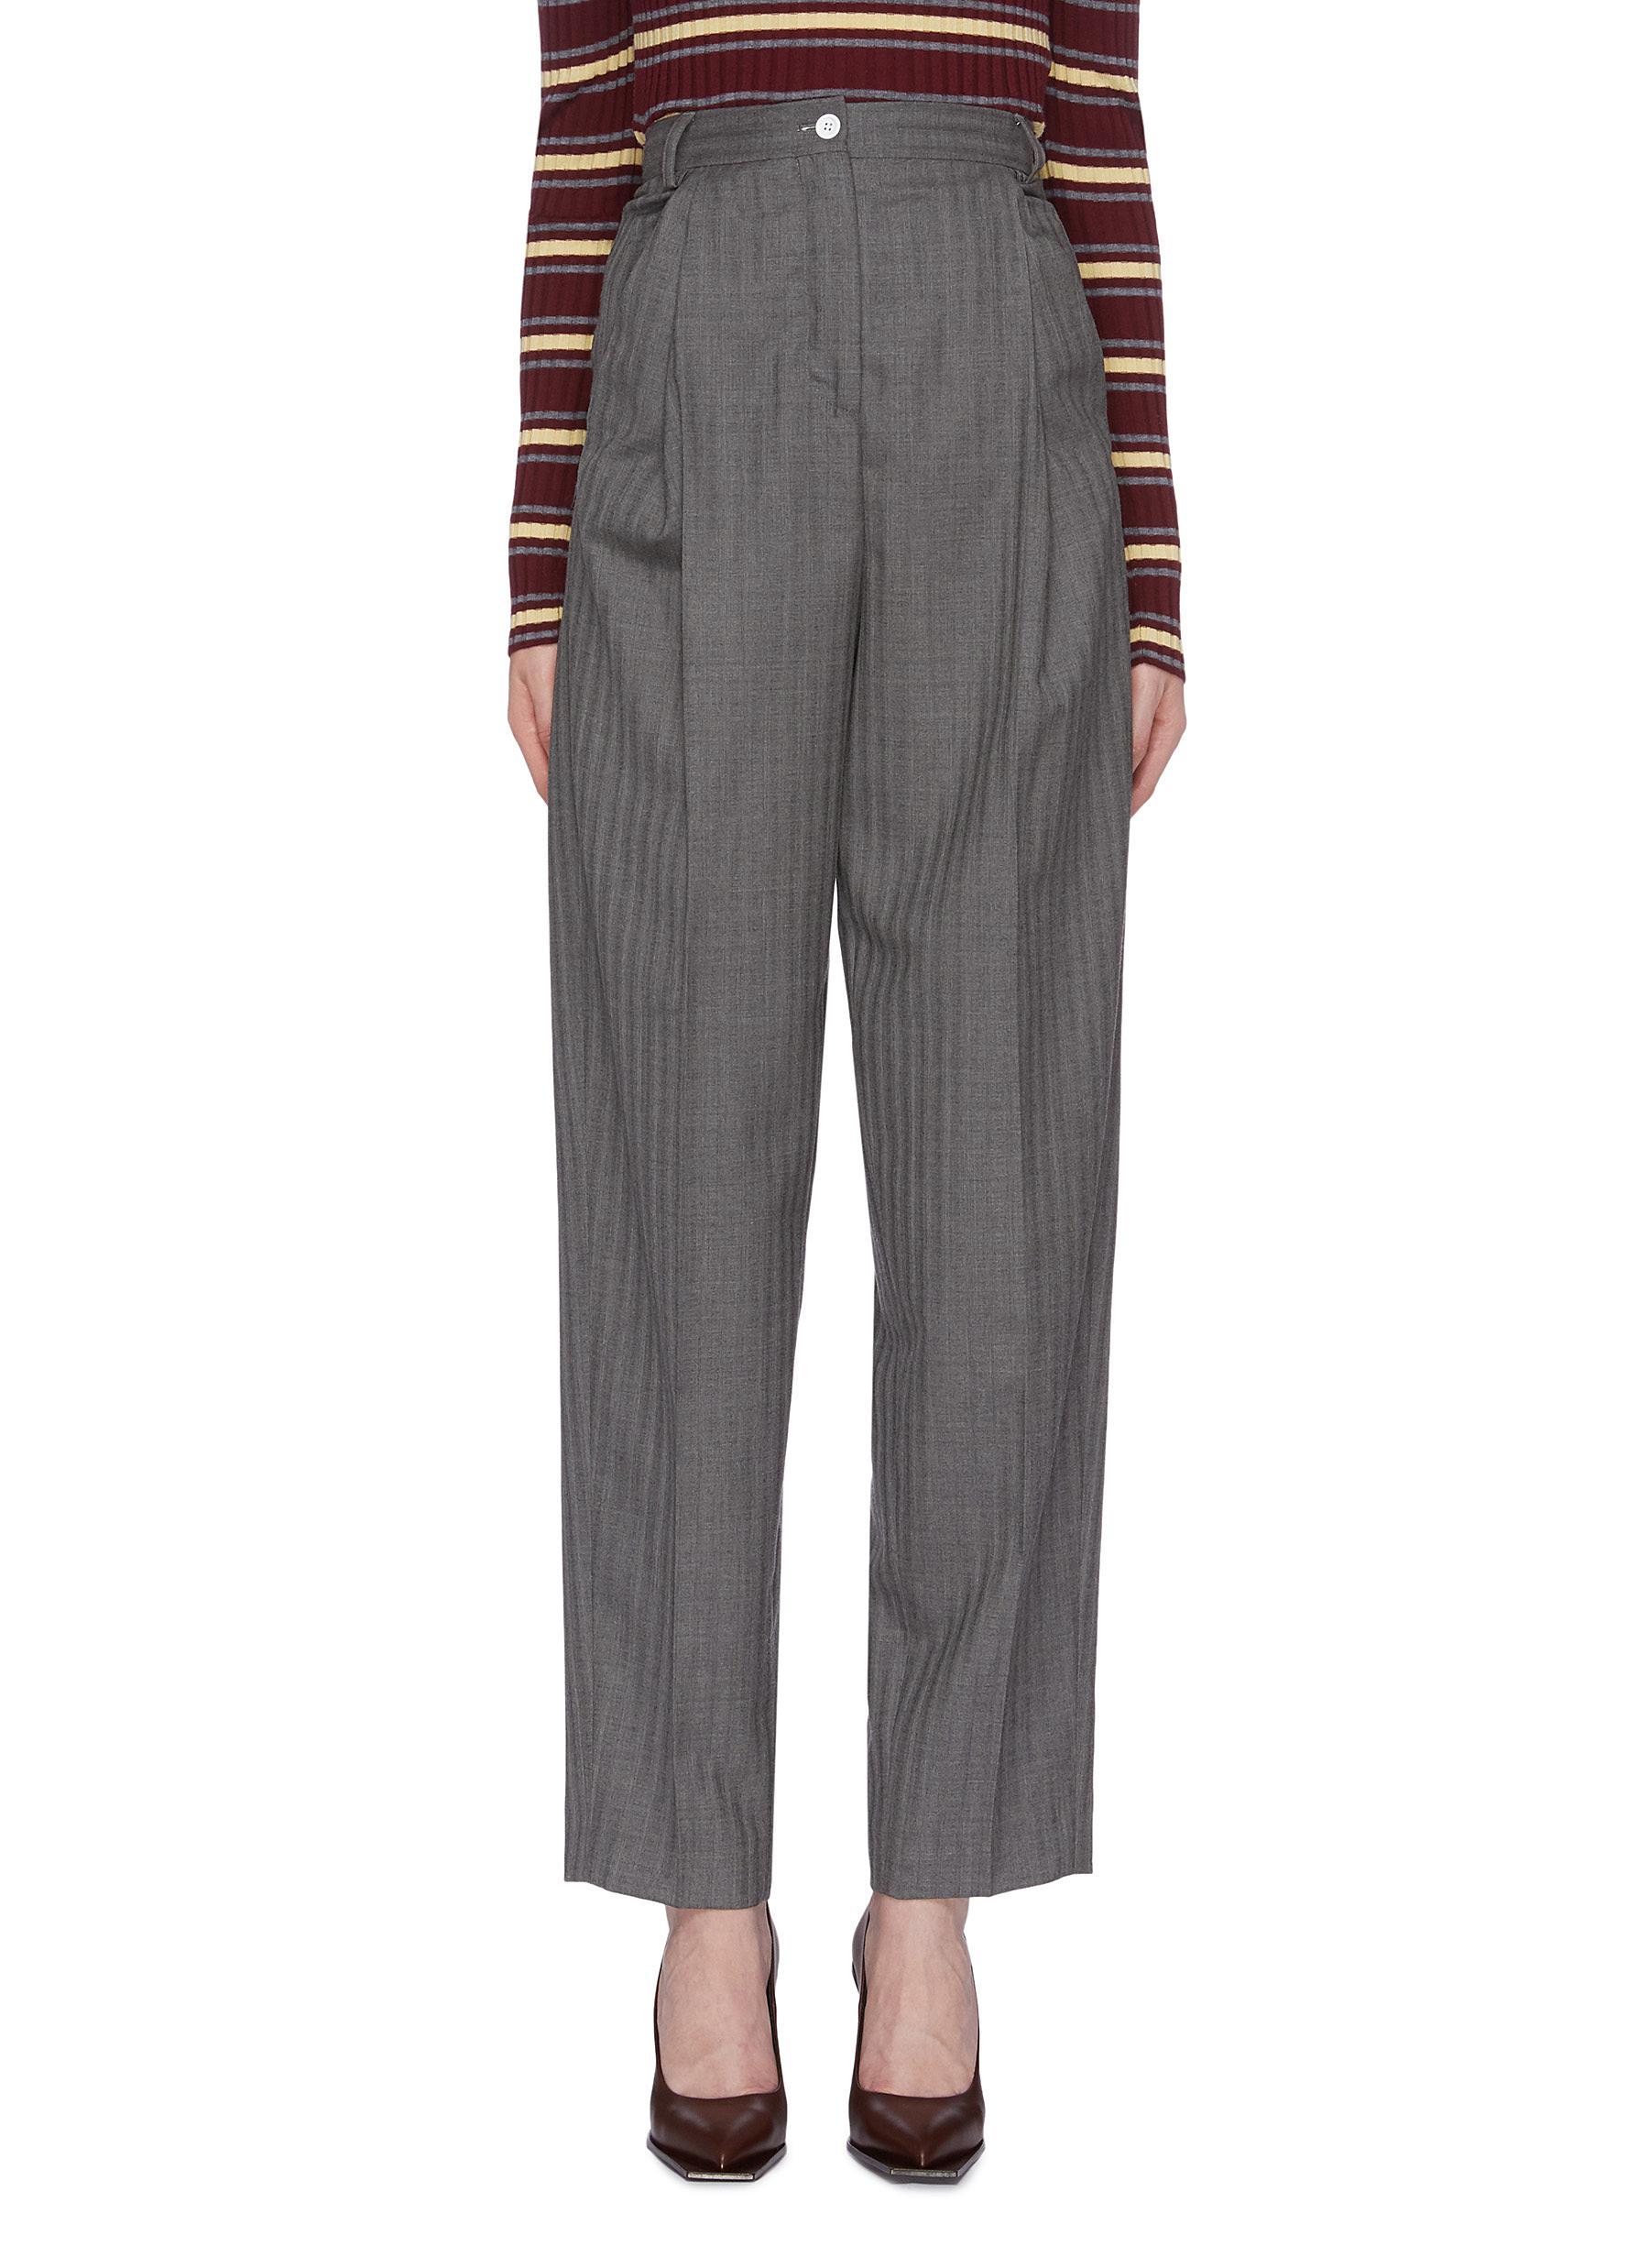 Herringbone suiting pants by Acne Studios